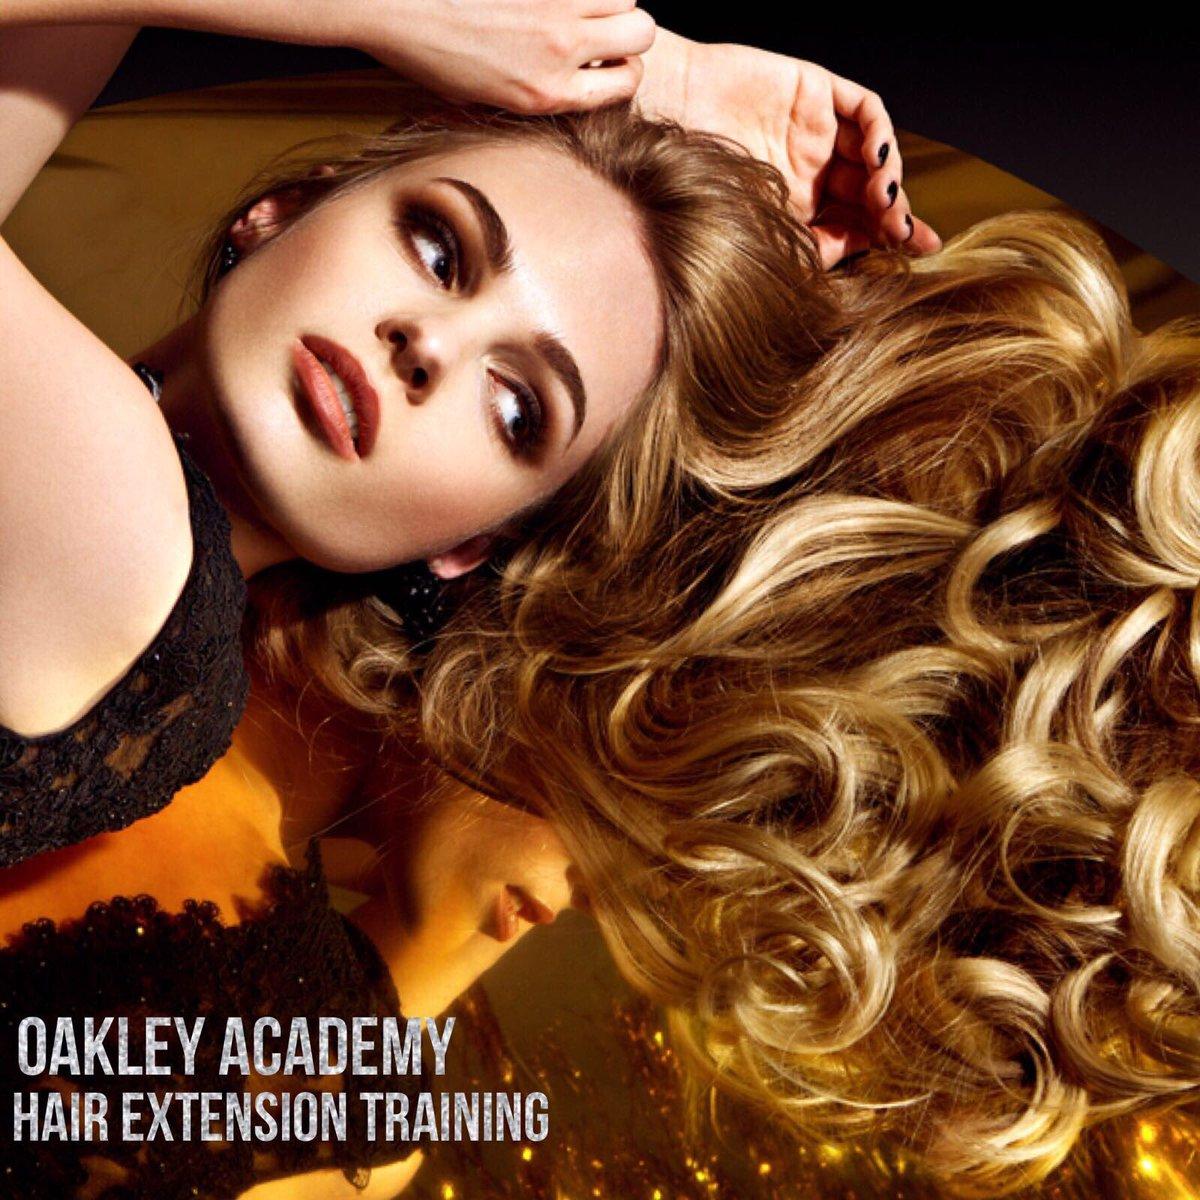 Oakley Academy Oakleyacademy Twitter